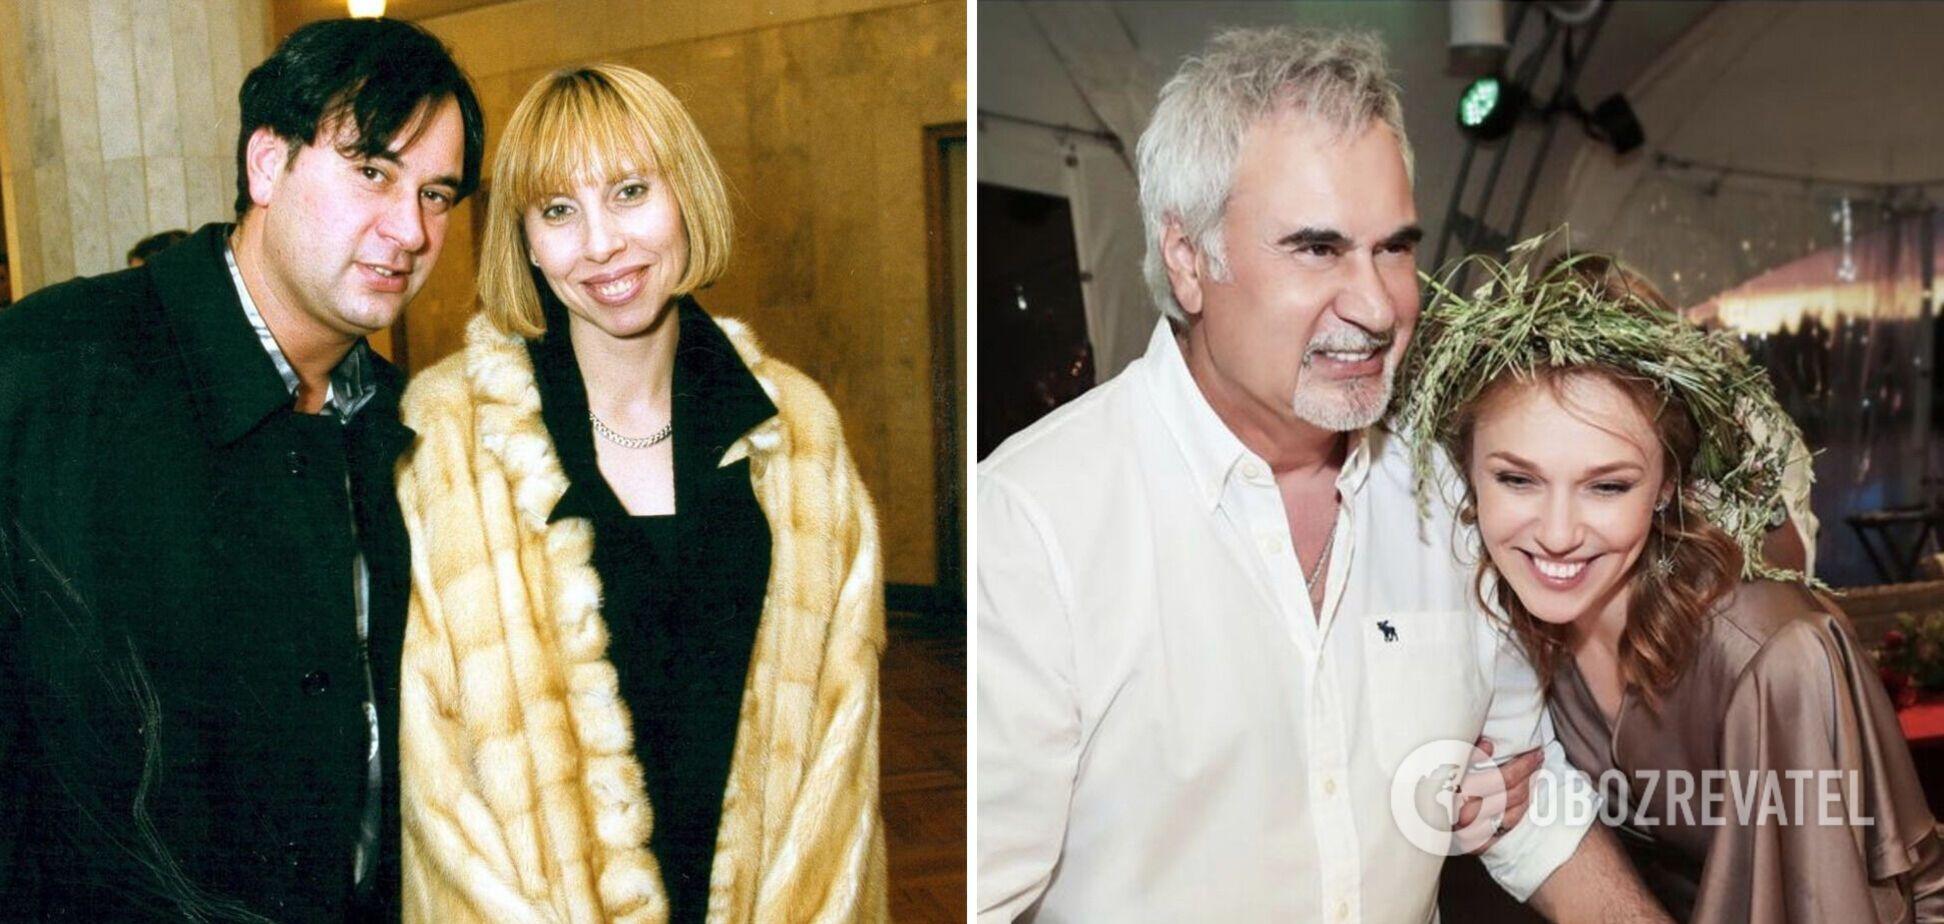 Колишня дружина Меладзе відповіла на висловлювання Джанабаєвої: людина виглядає неповноцінно